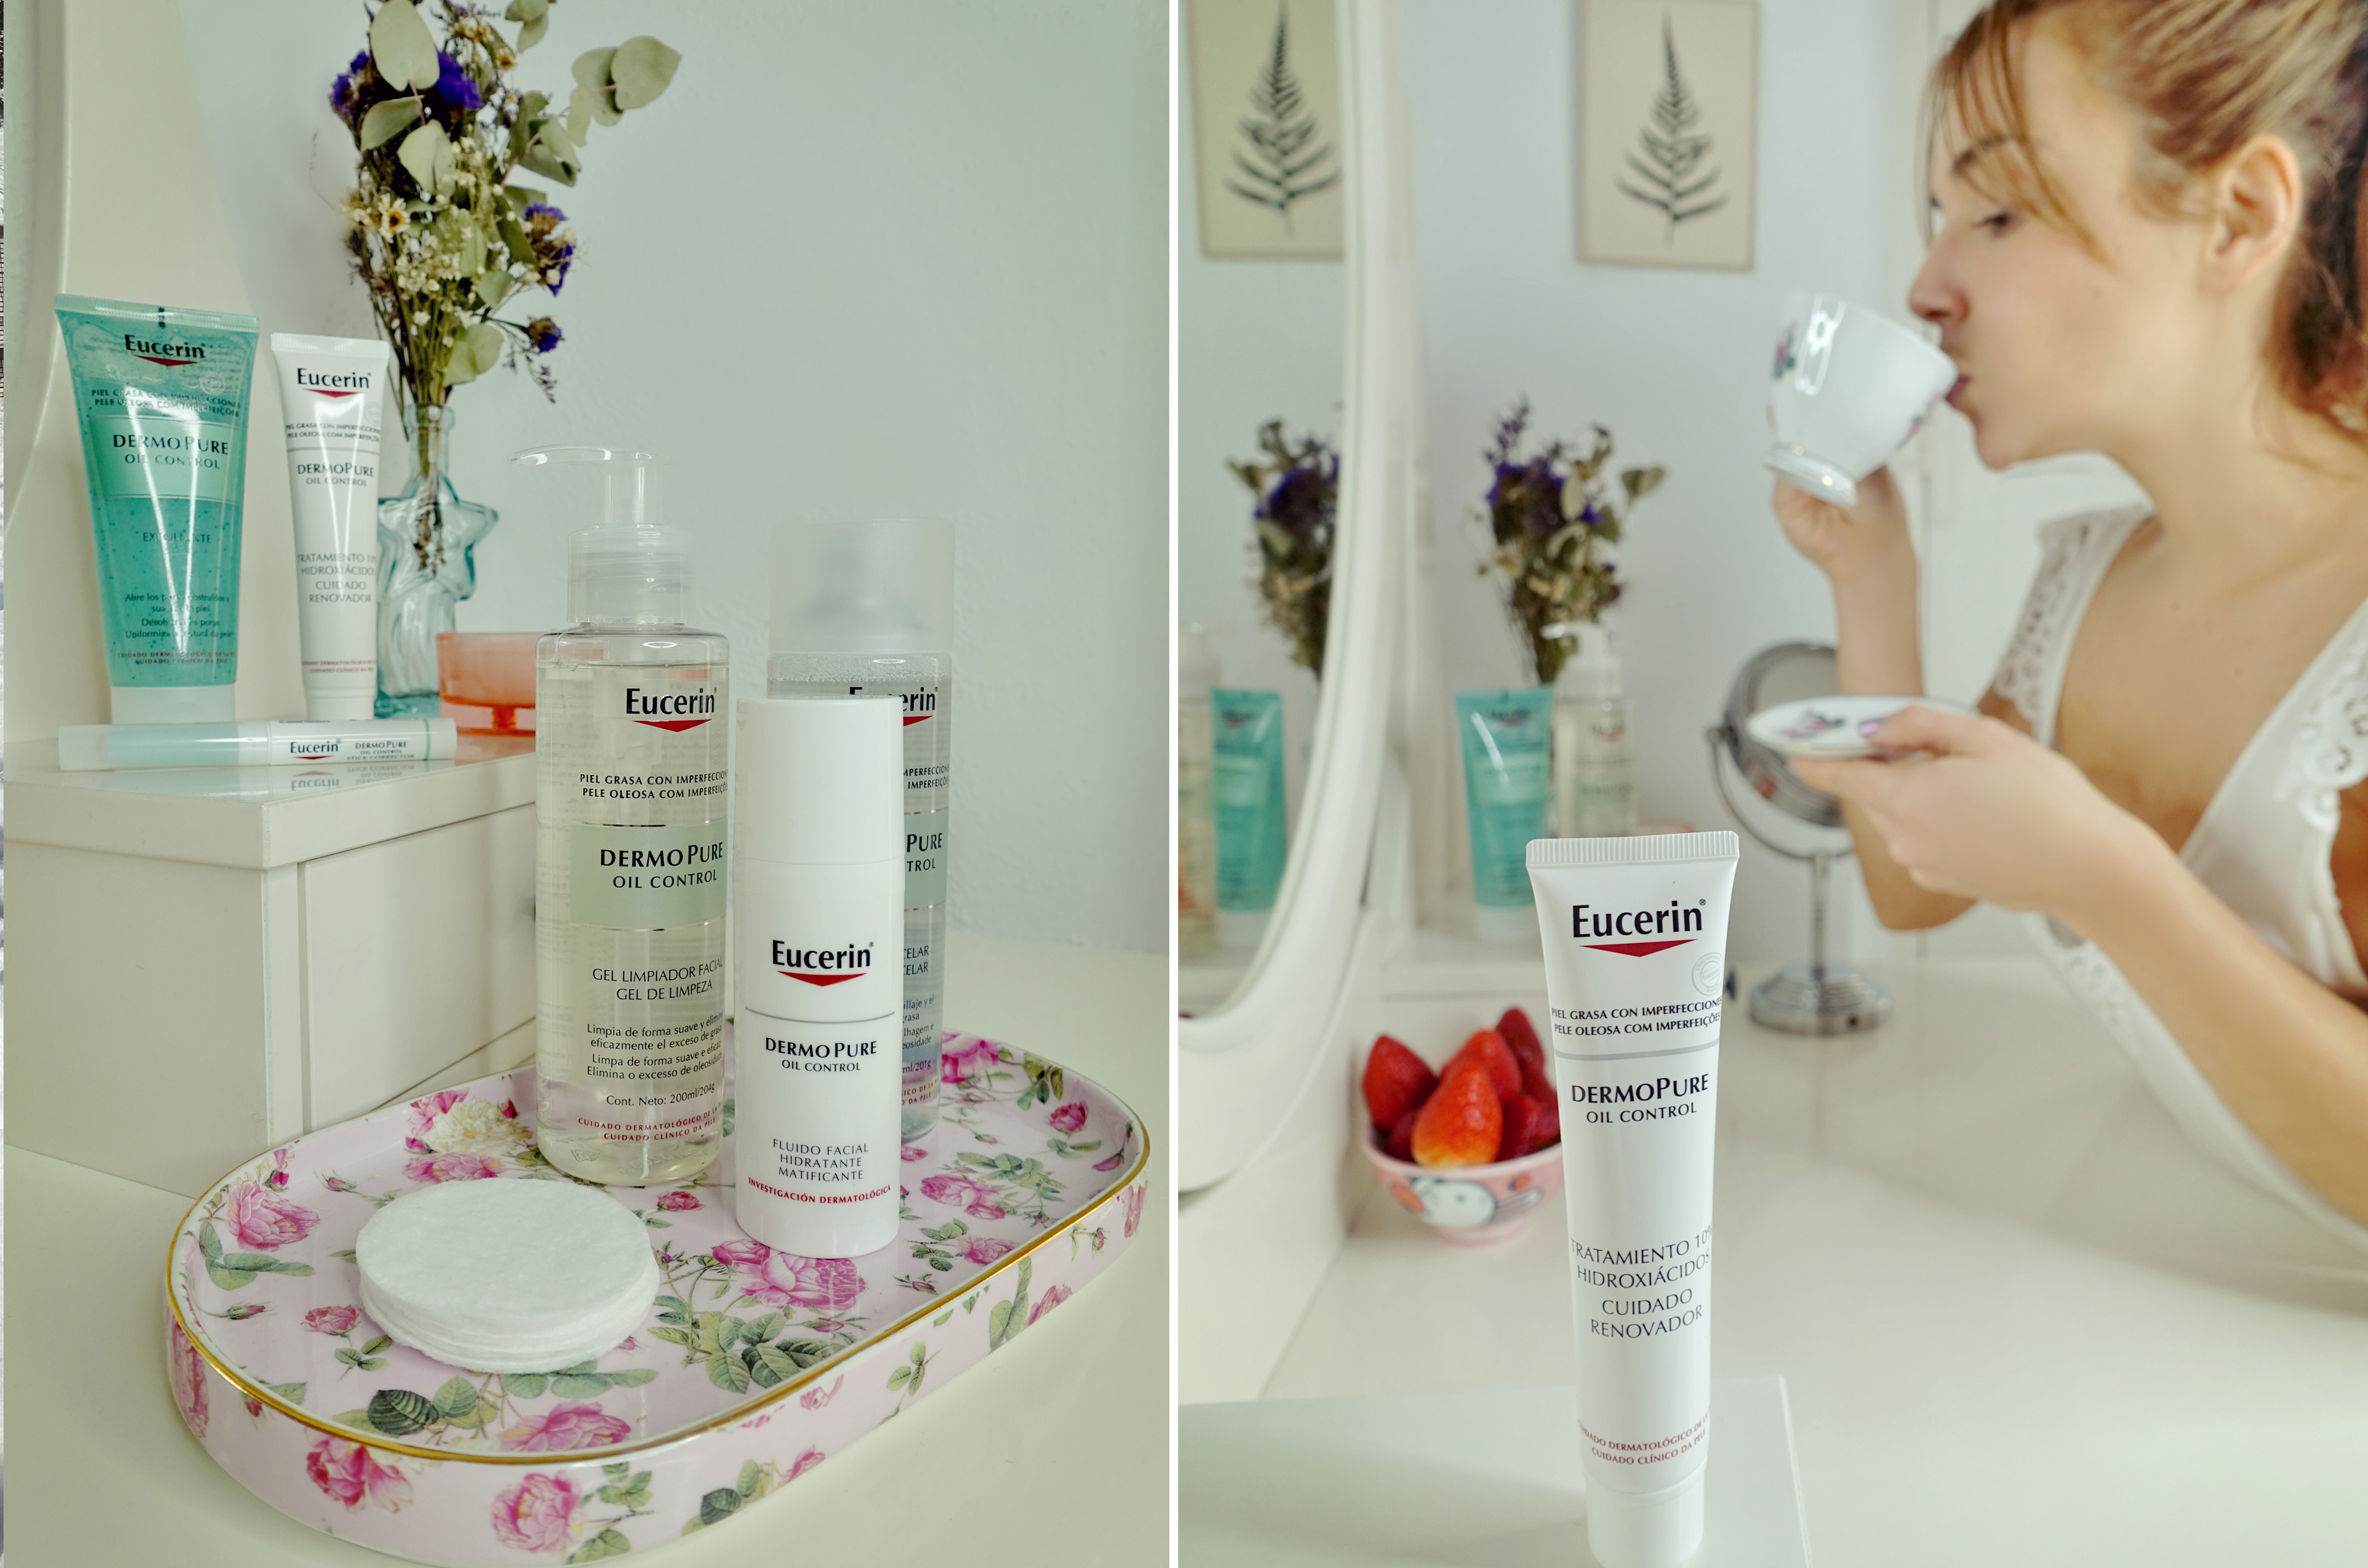 Dermopure-Eucerin-tratamiento-para-acne-blog-de-belleza-ChicAdicta-influencer-Chic-Adicta-hidratante-piel-grasa-PiensaenChic-Piensa-en-Chic